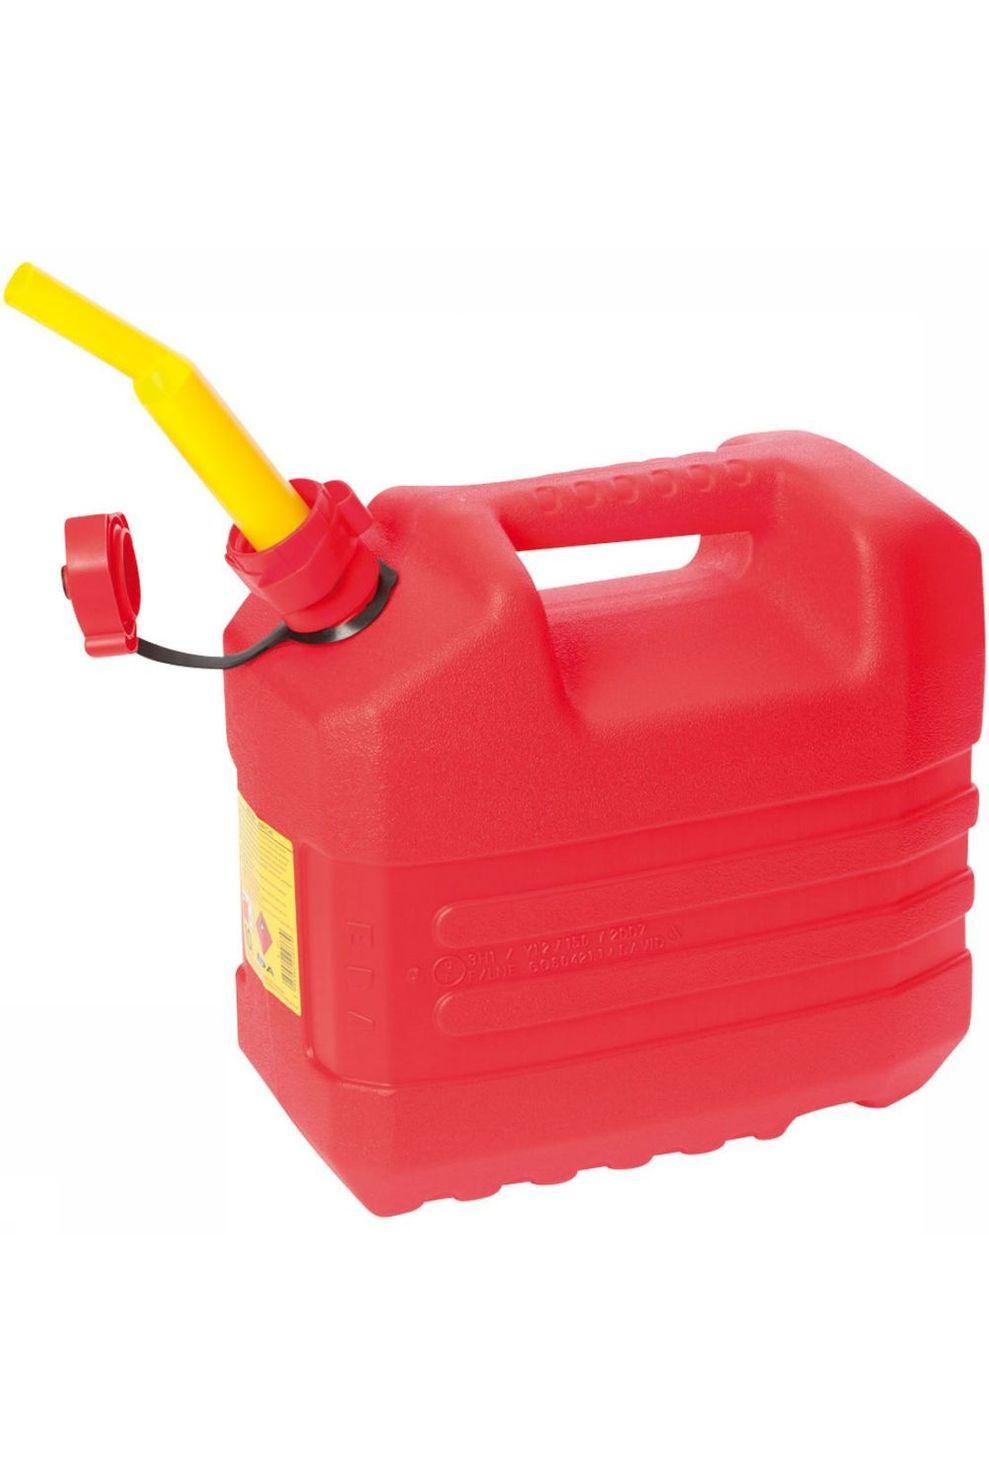 Eda Diverse Benzine Jerrycan Met Tuit 10 Liter - Rood